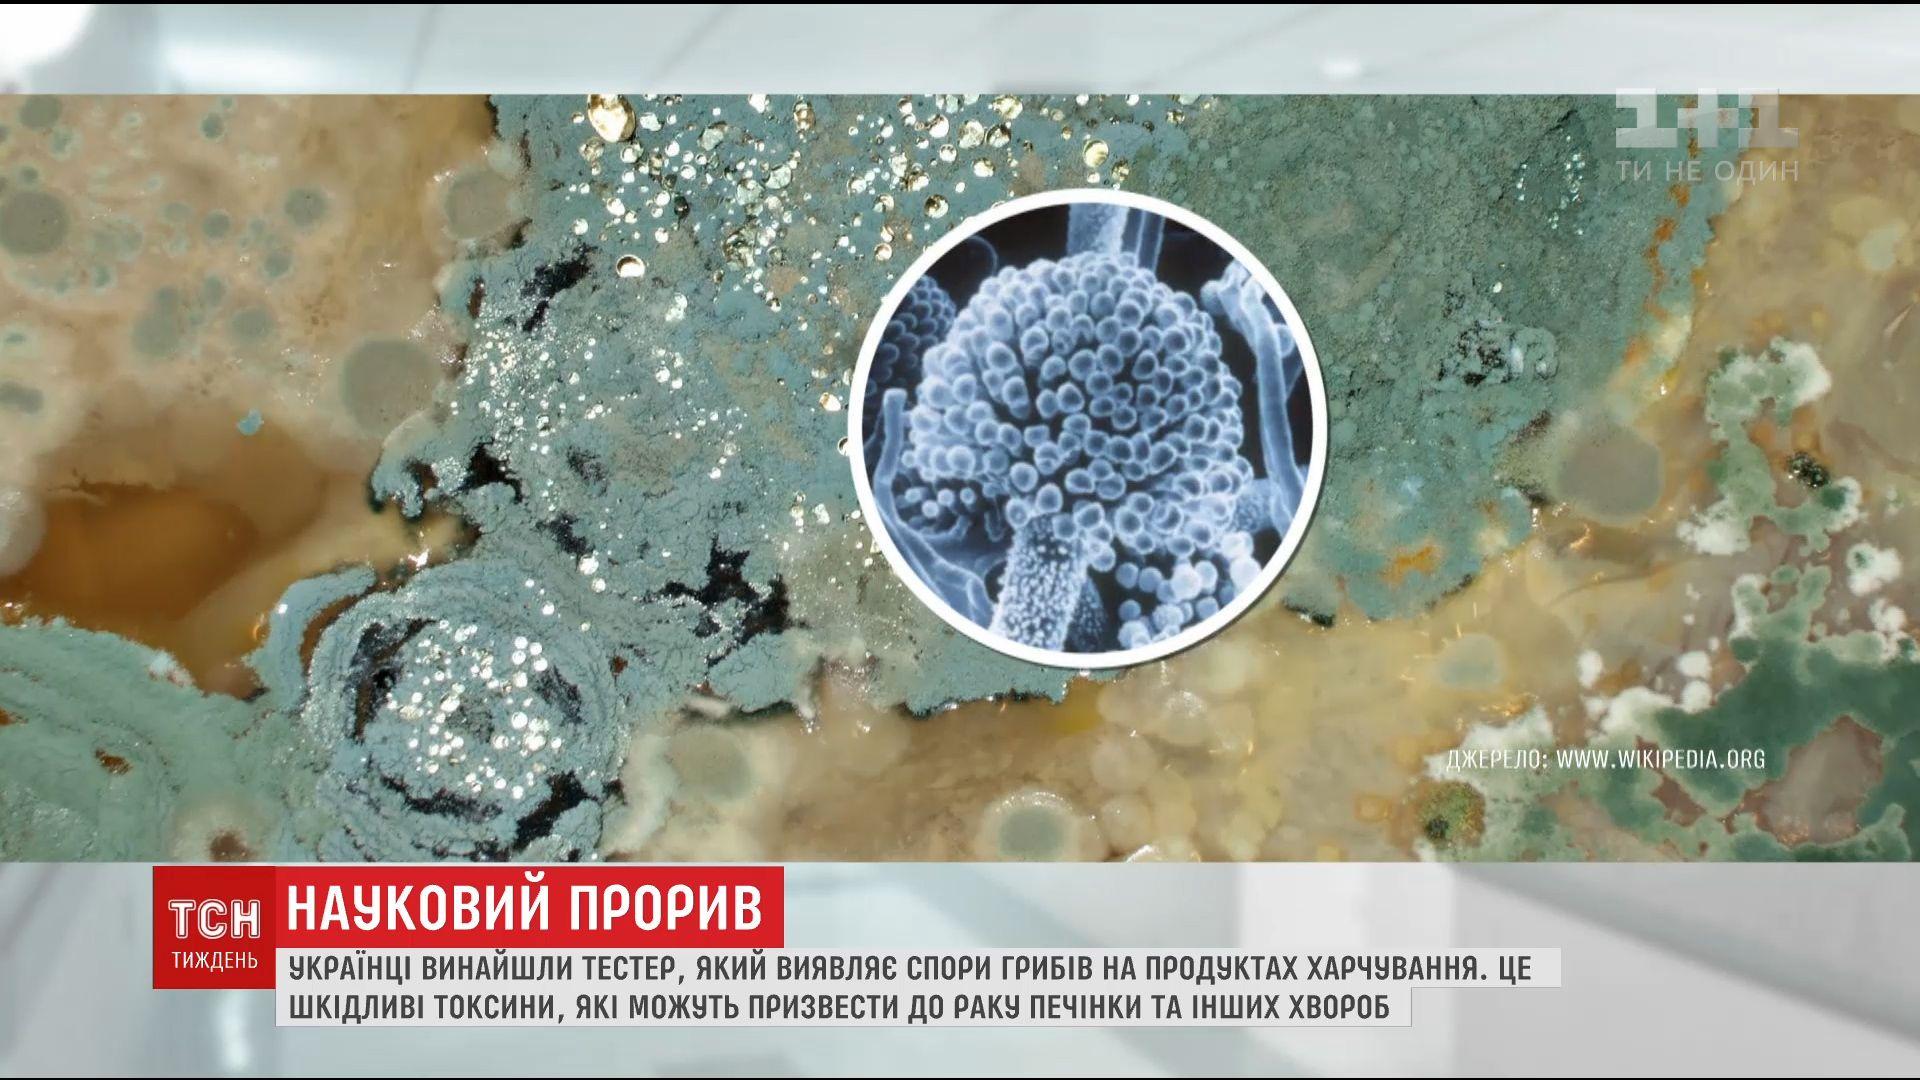 Украинцы изобрели тестер, который обнаруживает споры грибов / скриншот